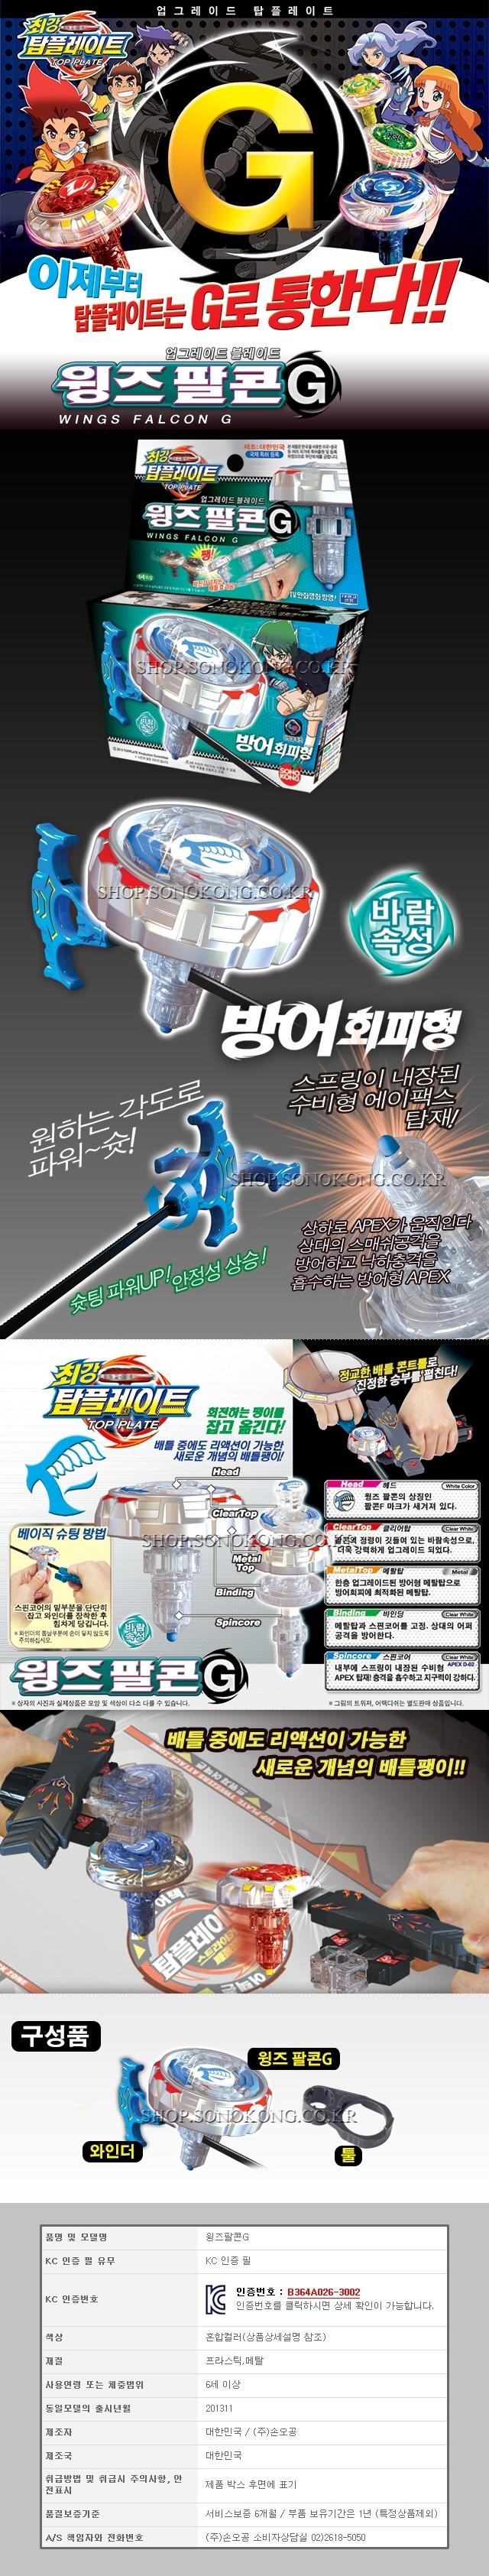 손오공 정품 최강 탑 플레이트 팽이